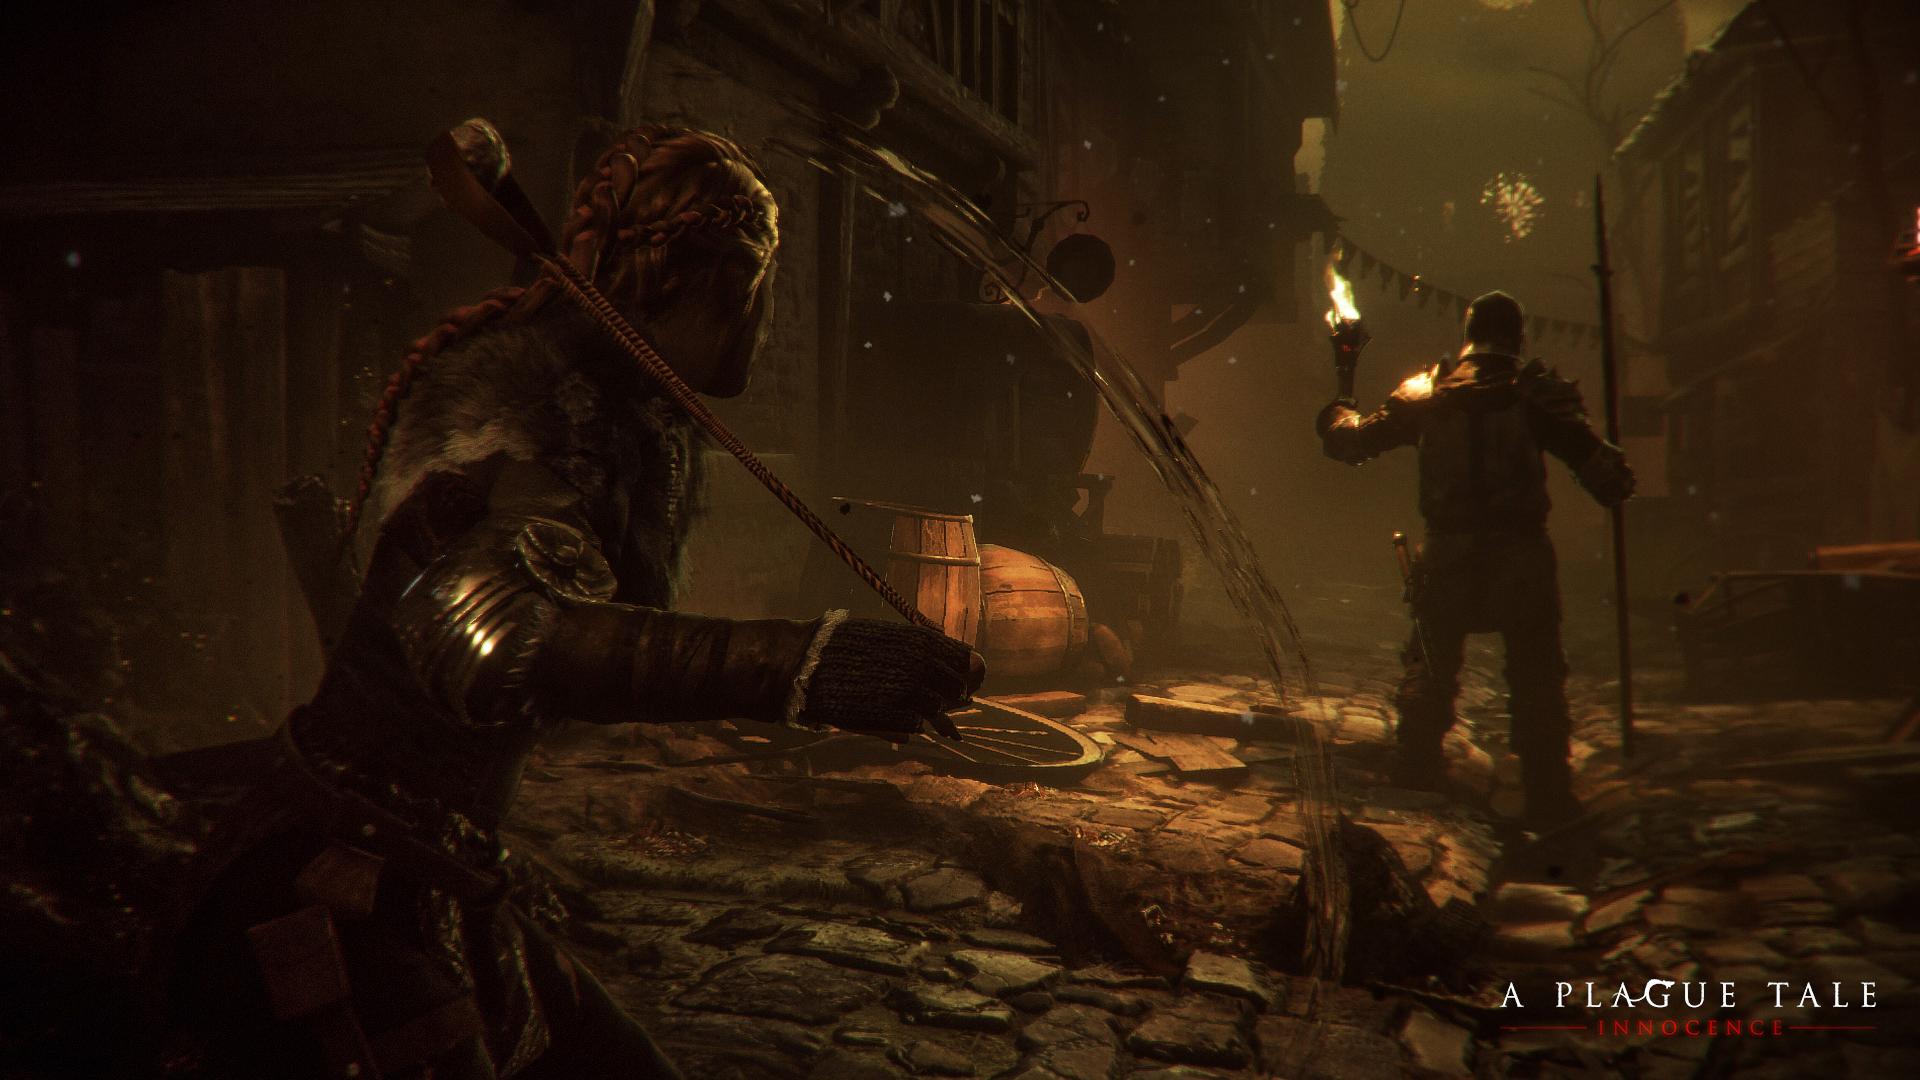 Снимок экрана: сцена из игры A Plague Tale: Innocence